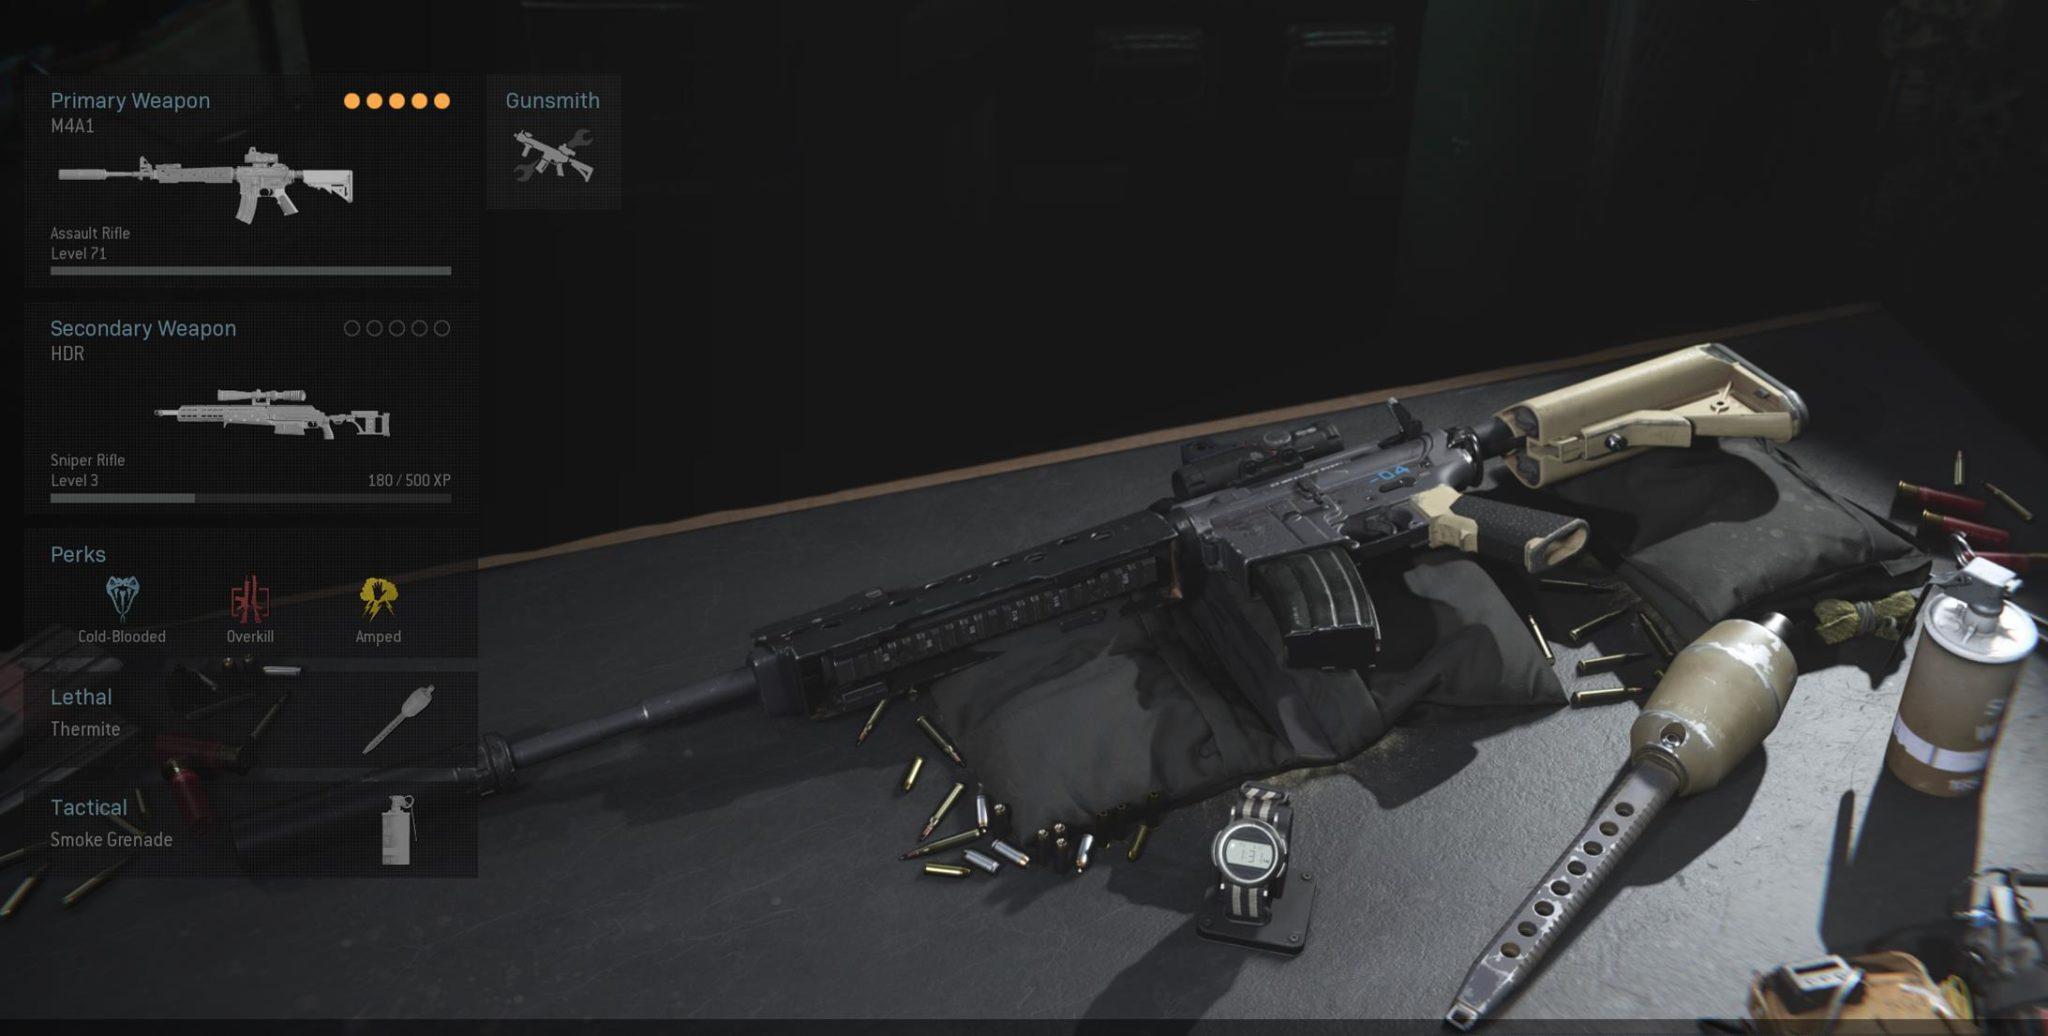 M4A1 in loadout editor in Modern Warfare